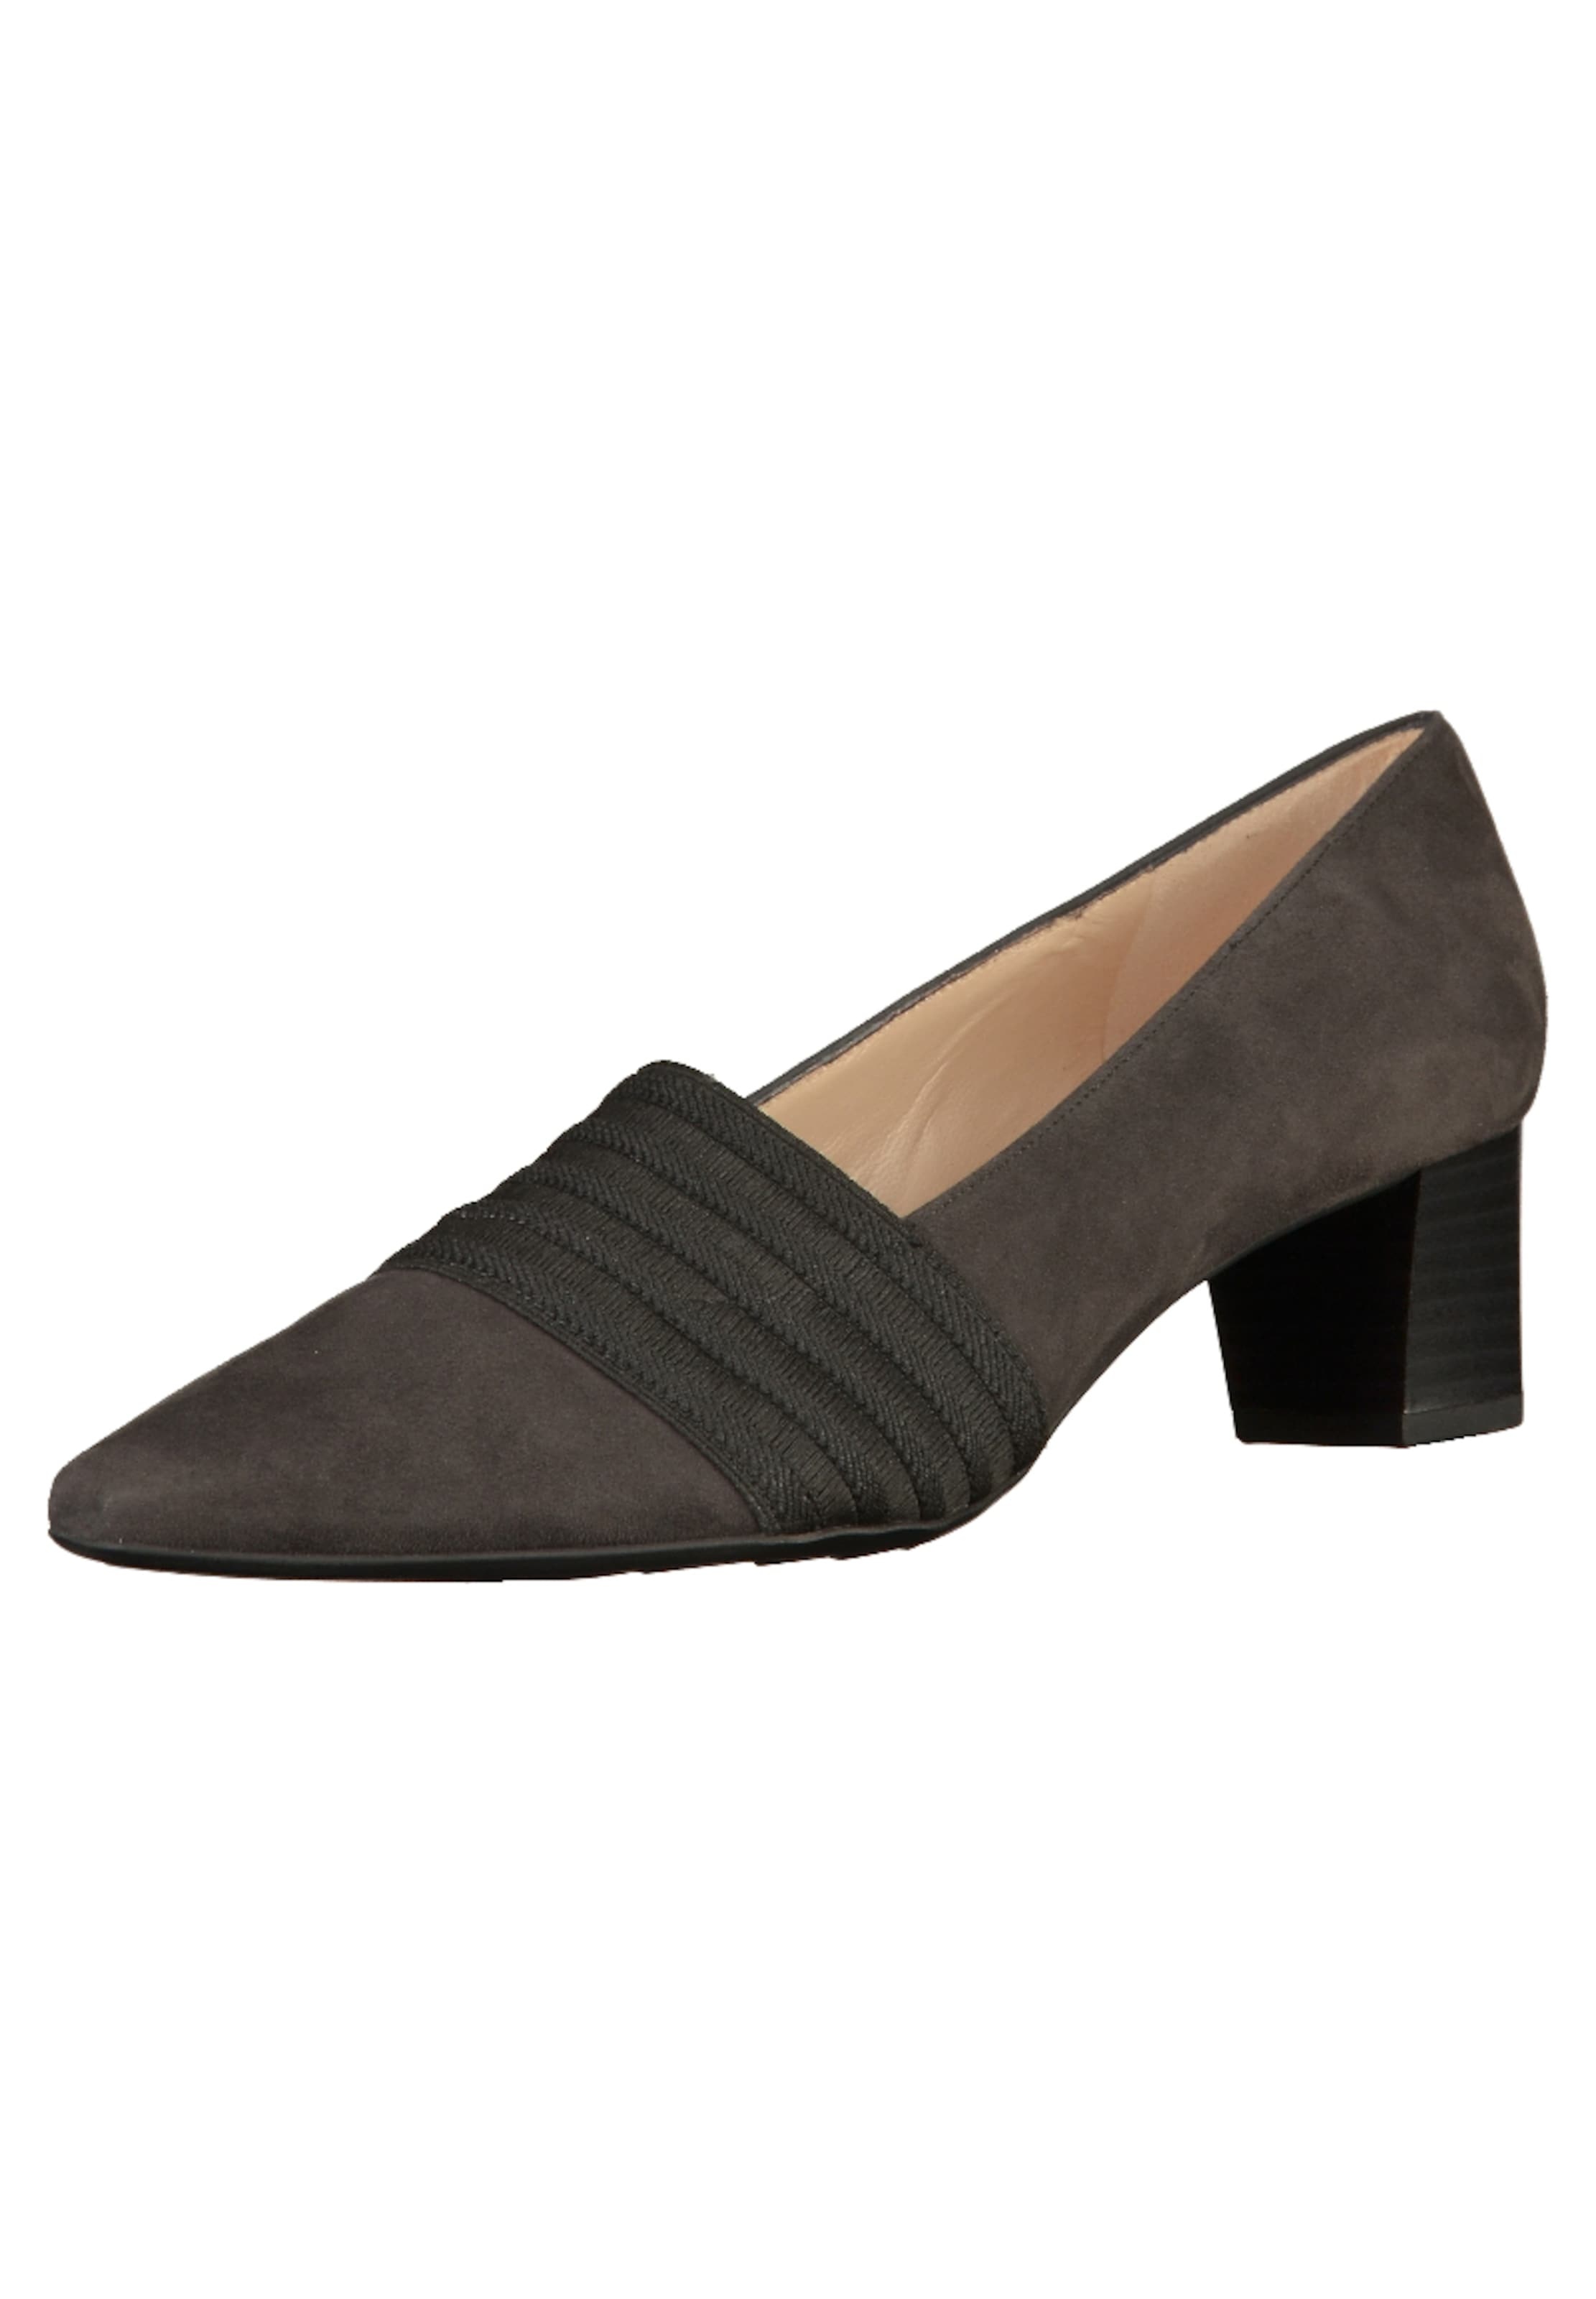 Haltbare Mode billige Schuhe PETER KAISER   Pumps Schuhe Schuhe Schuhe Gut getragene Schuhe f00386